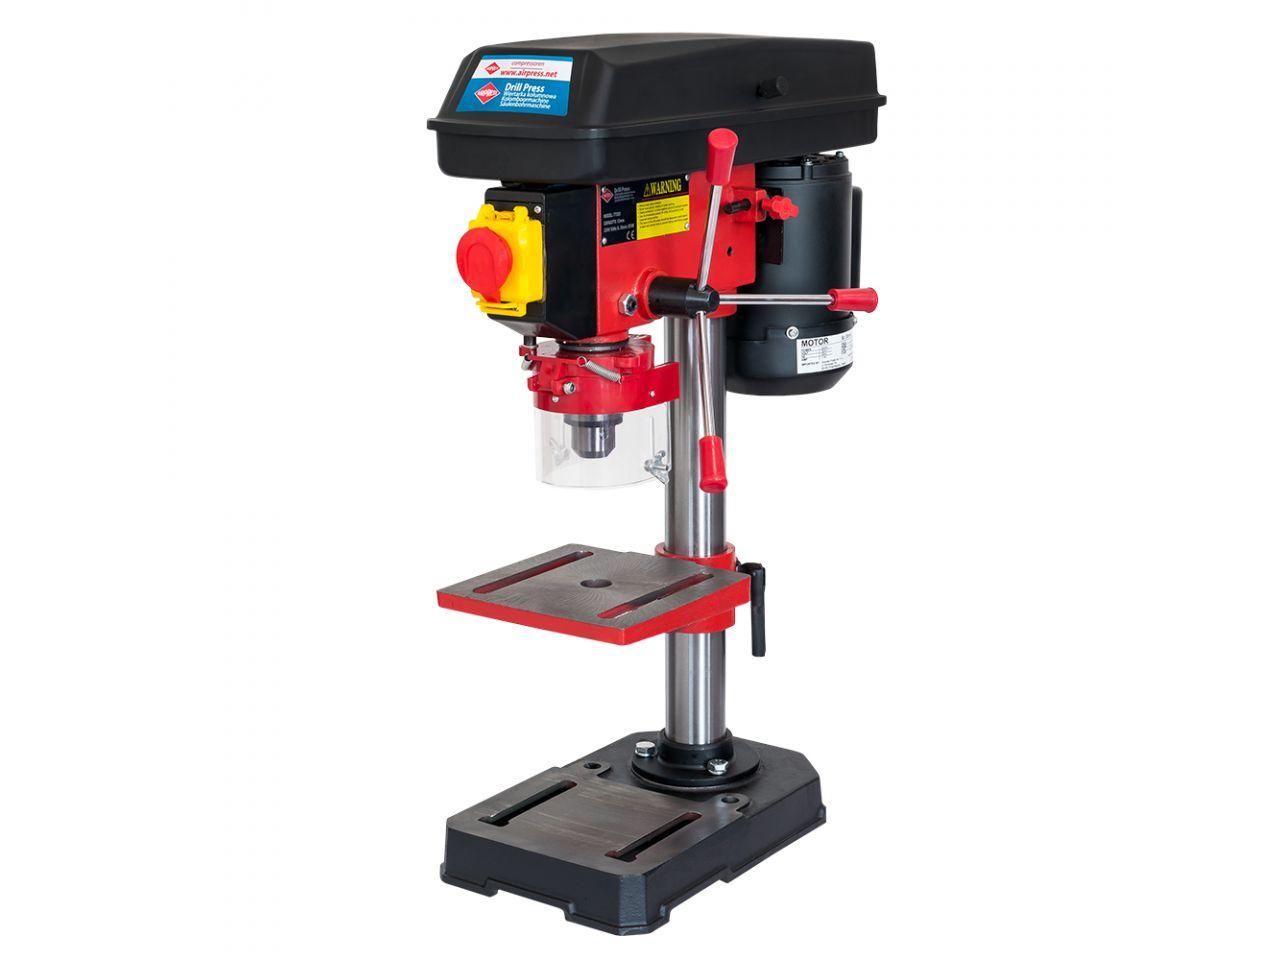 Kolomboormachine tafelmodel 16-580